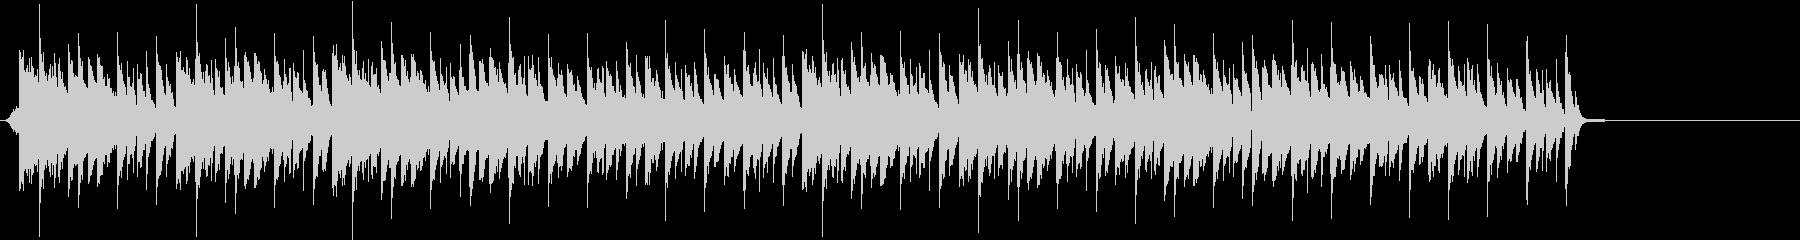 機械的なクールなBGMの未再生の波形